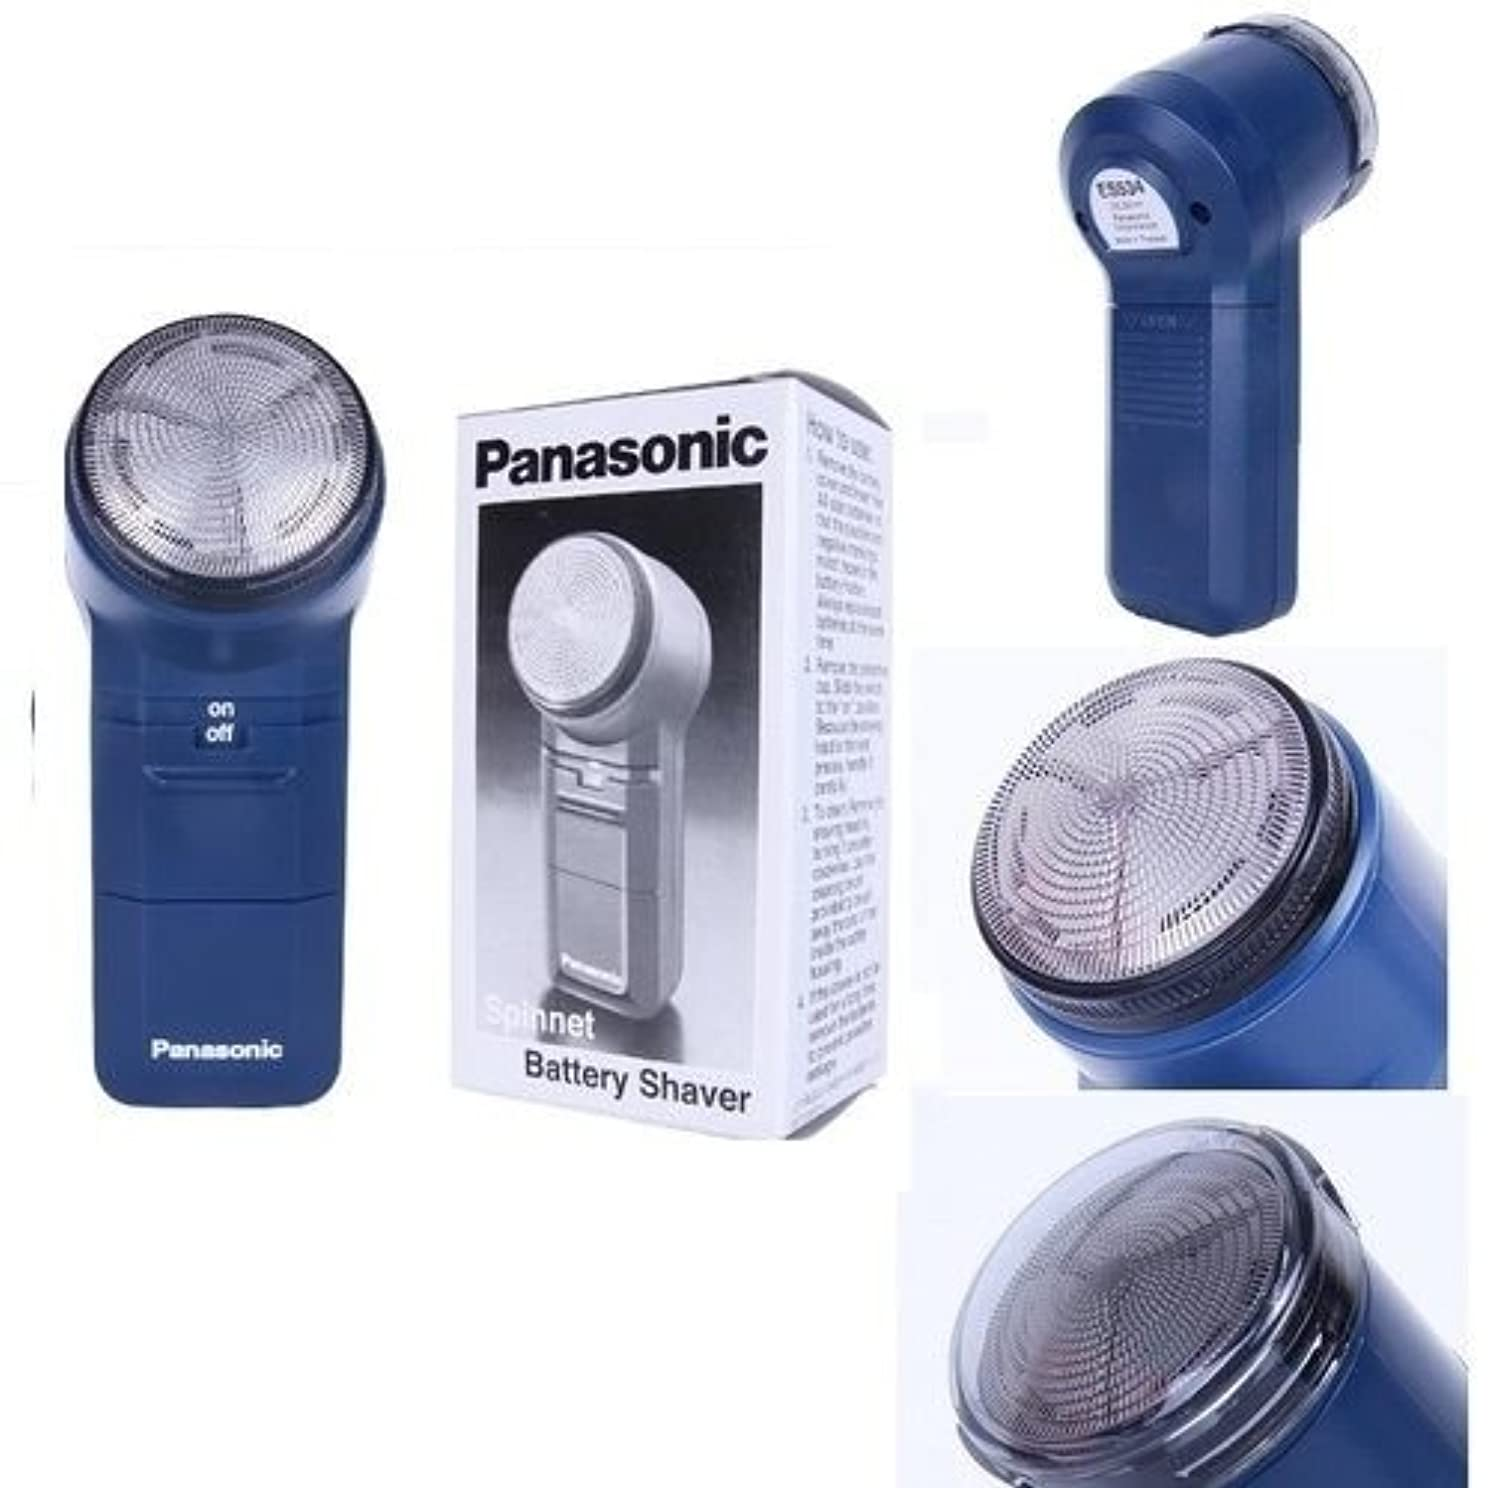 こねる誰か写真を描くPanasonic ES534電気シェーバースピンネットバッテリー純正と梱包 [並行輸入品]